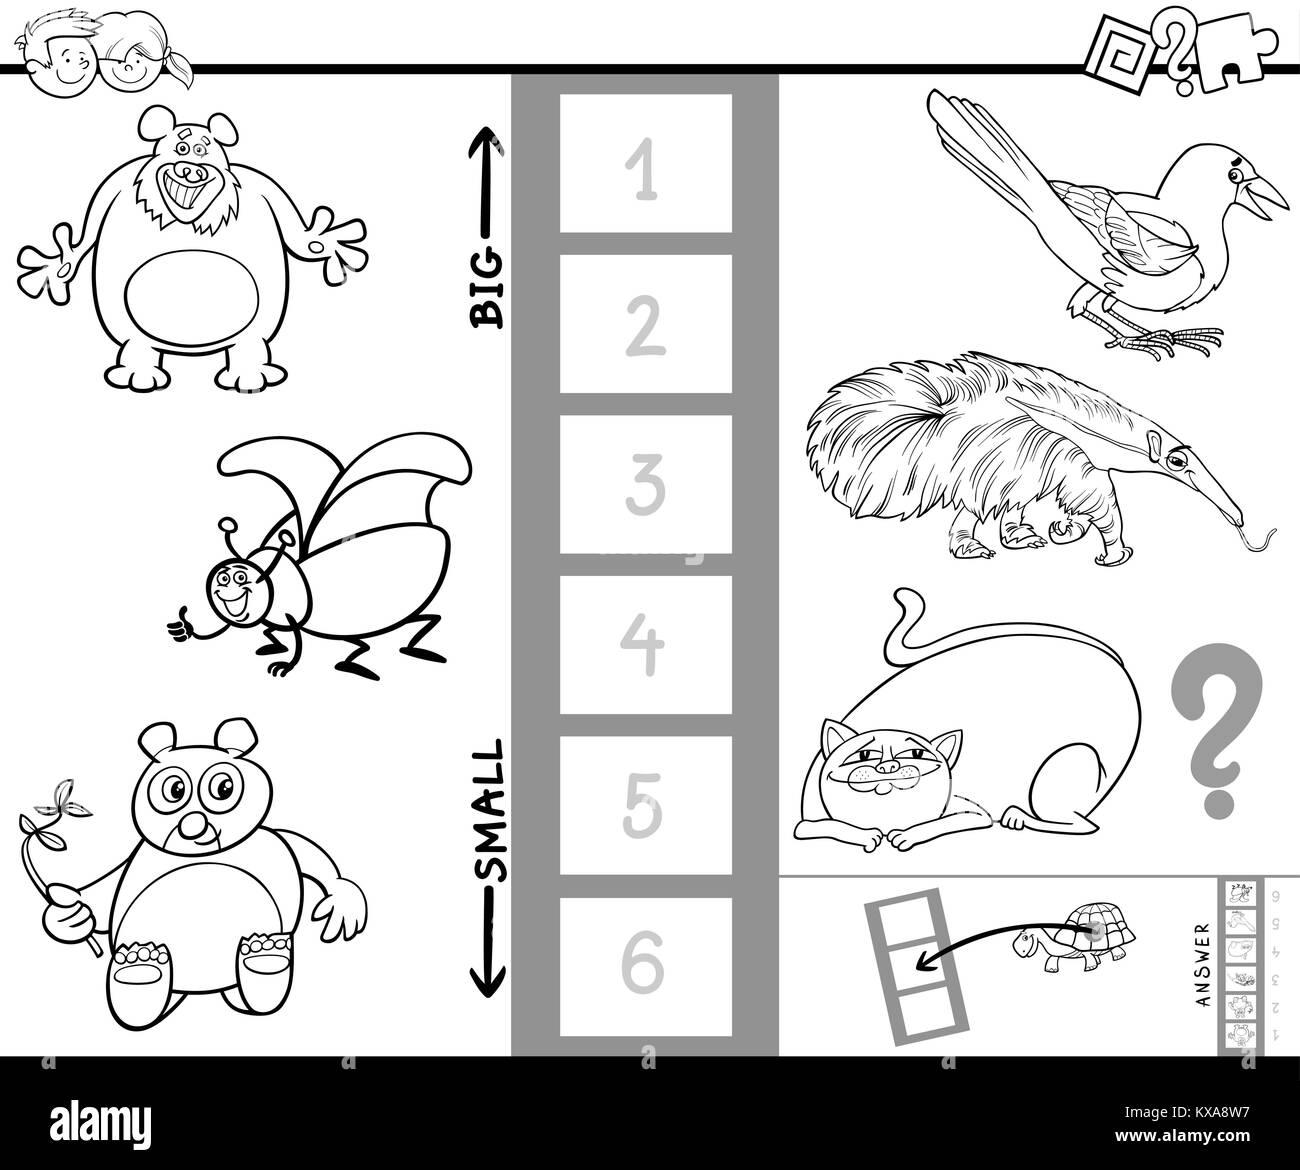 Ilustración Caricatura En Blanco Y Negro De Juego Educativo De